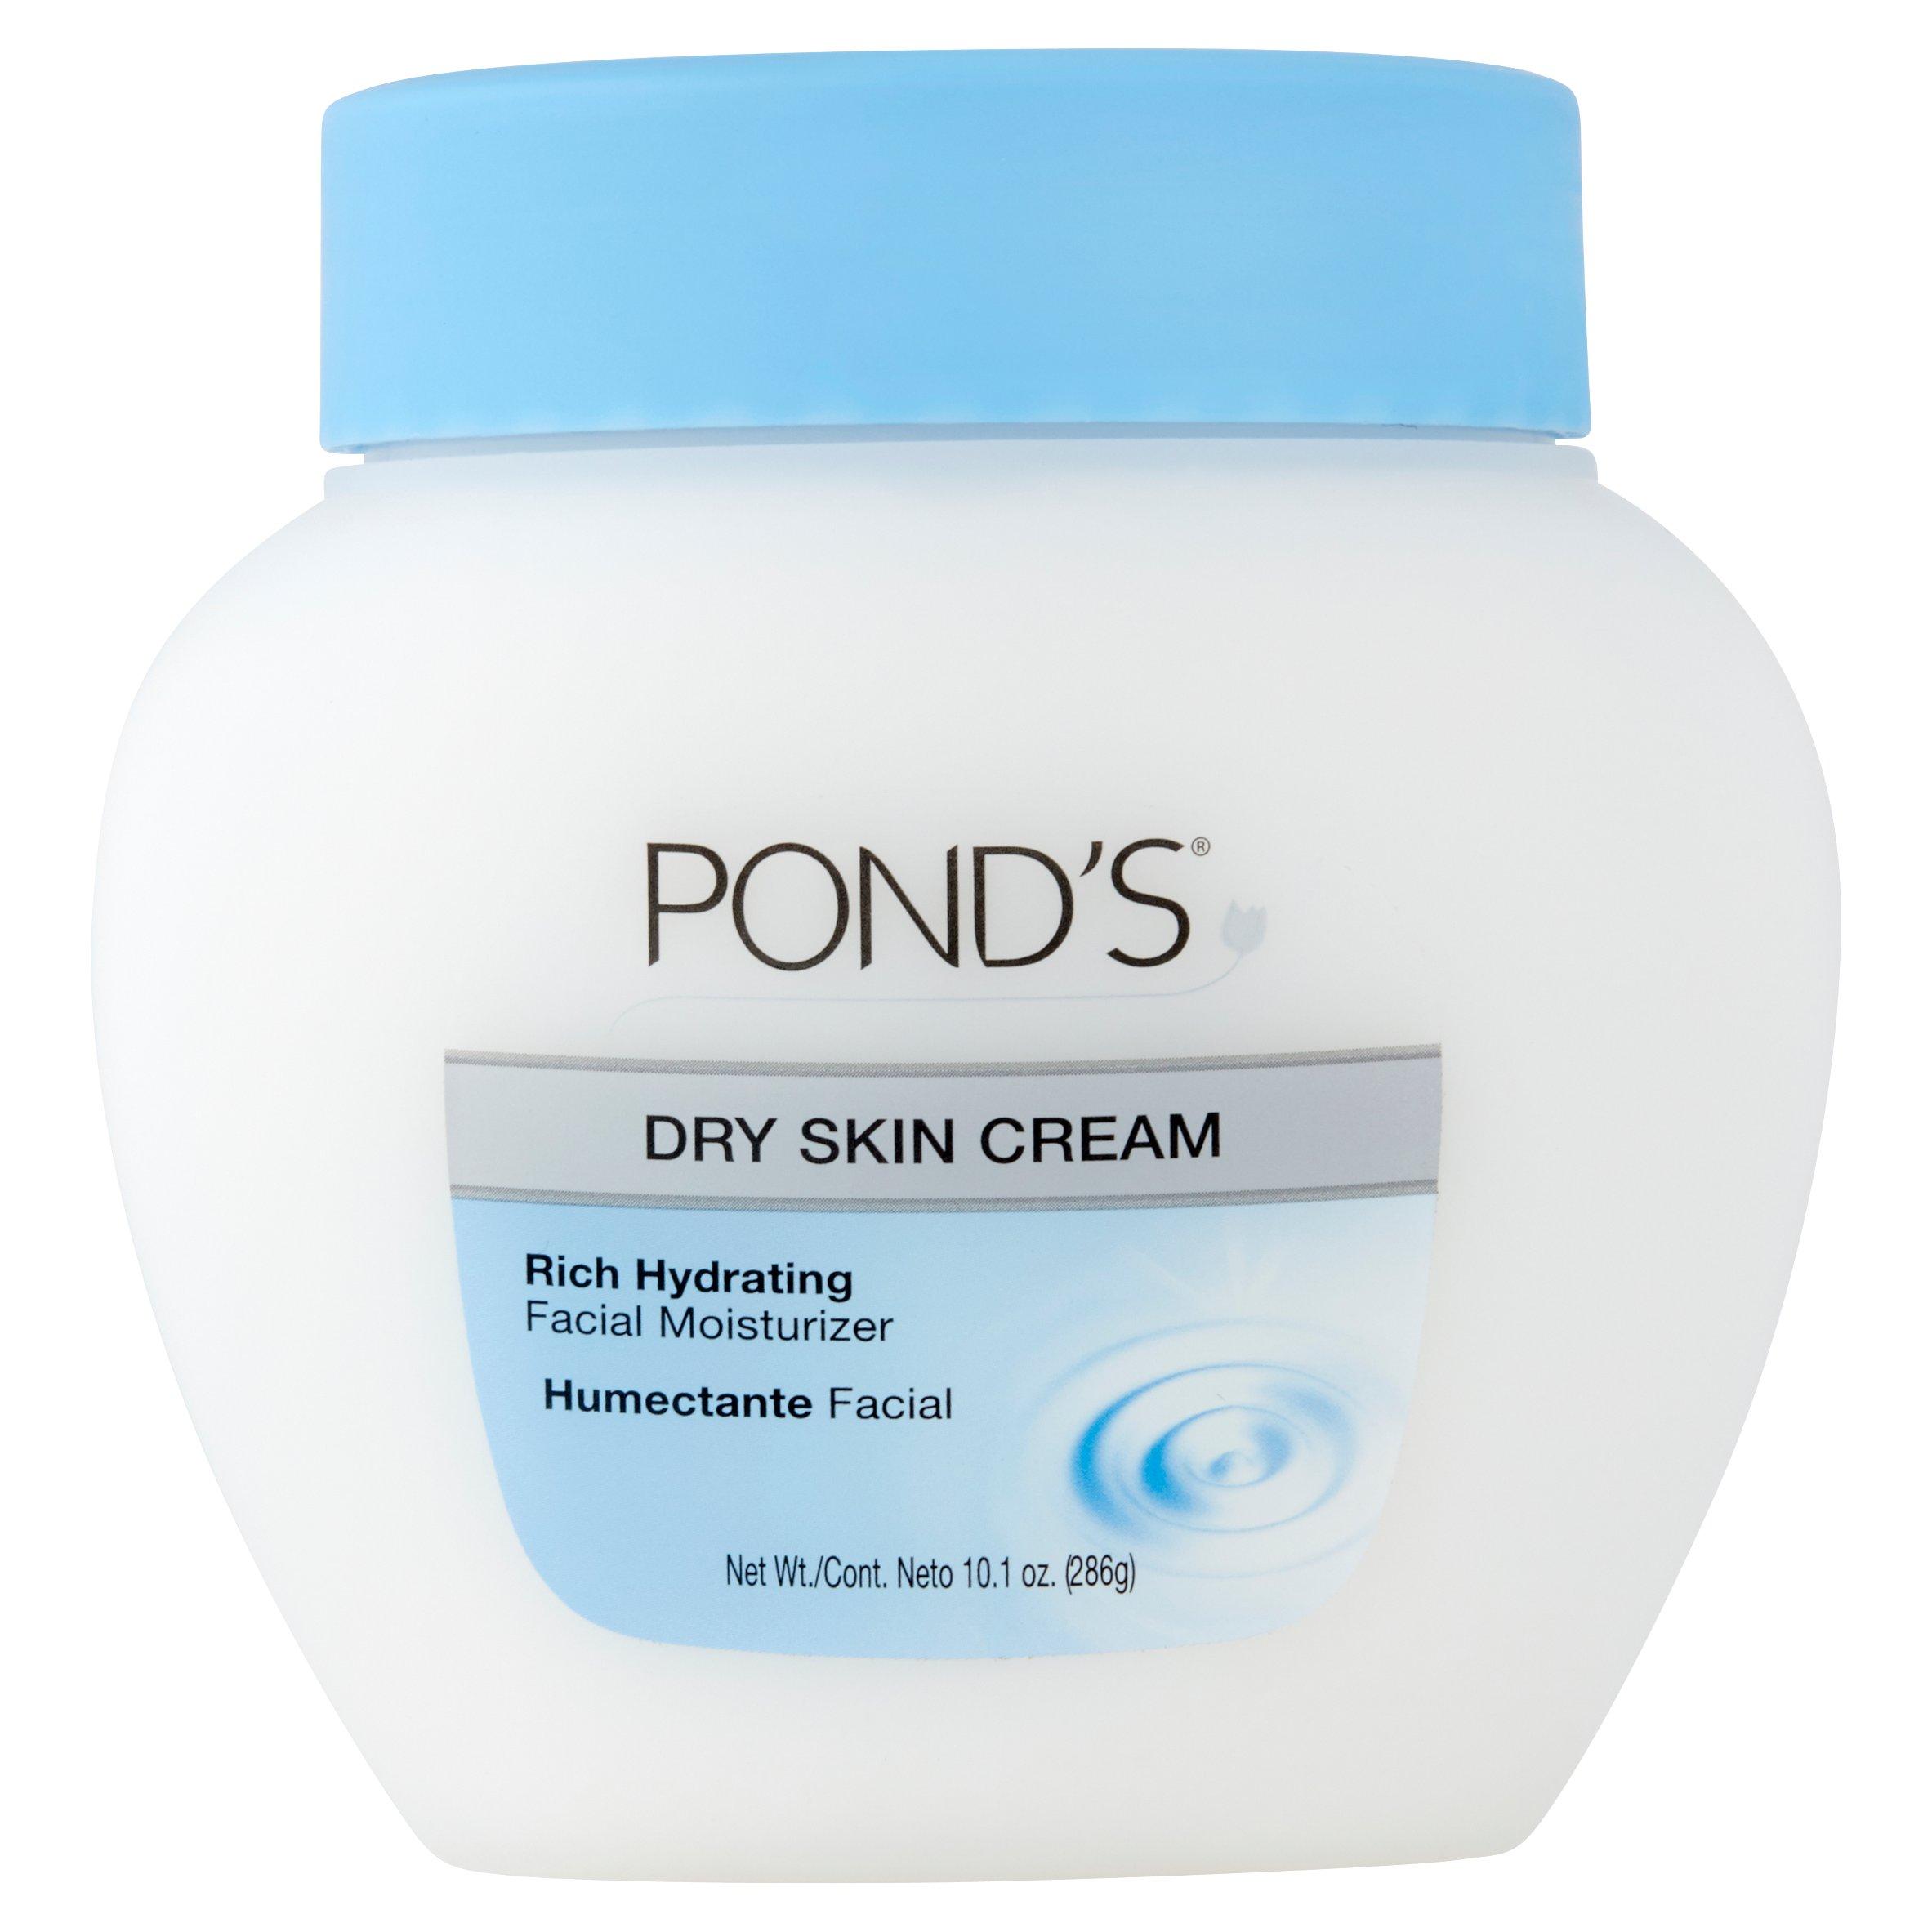 Pond's Facial Moisturizer Dry Skin Cream, 10.1 oz - Walmart.com